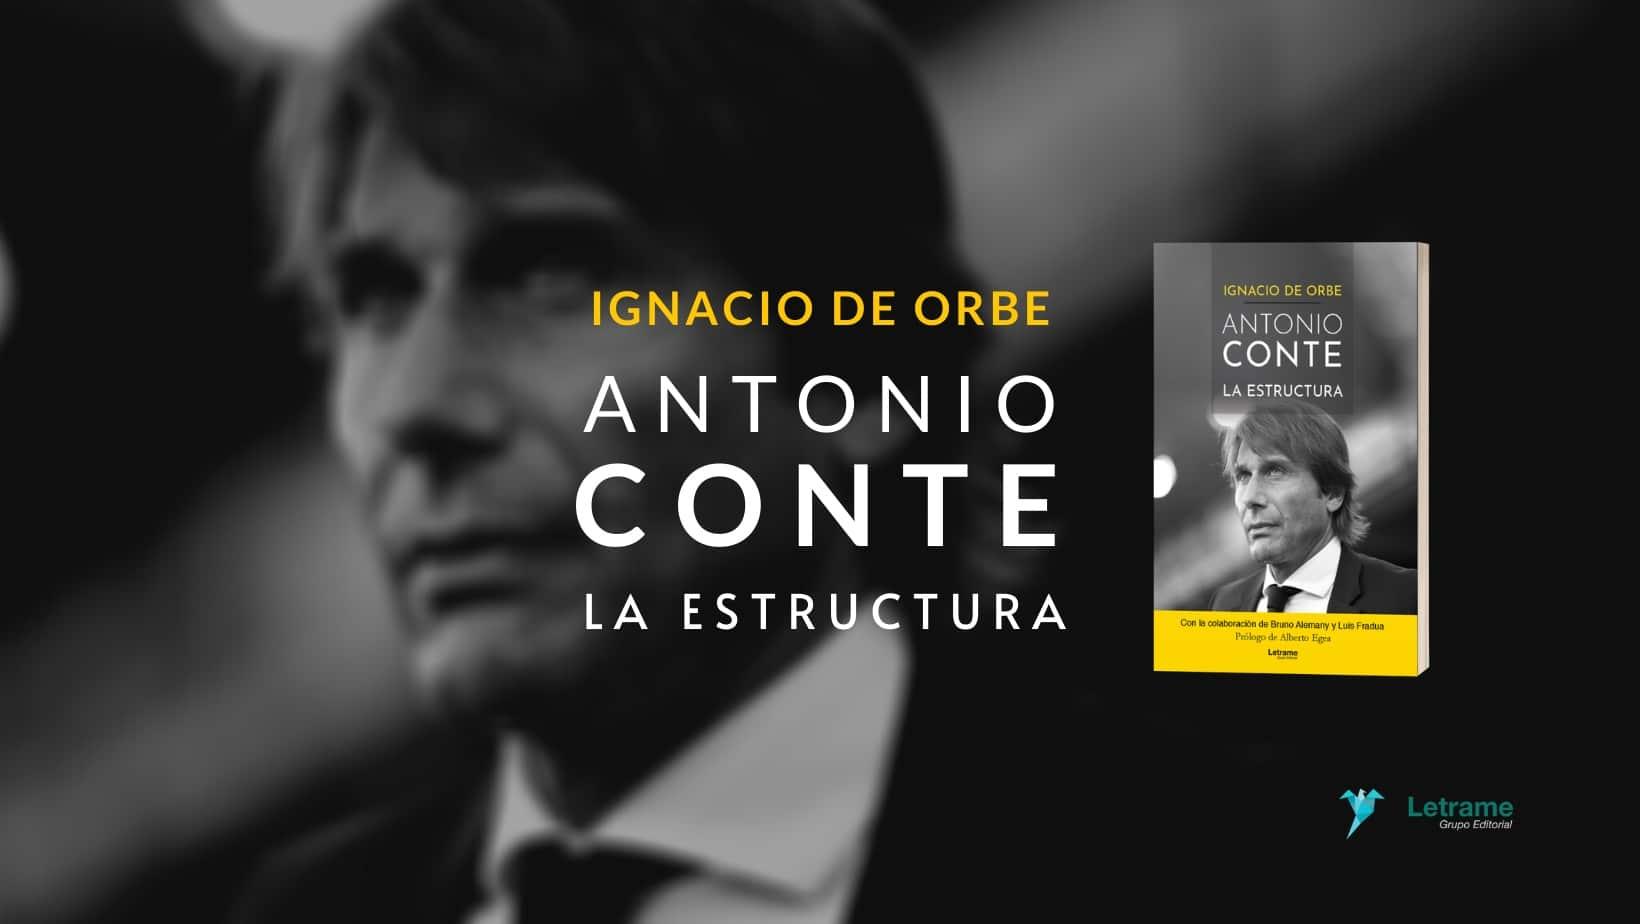 Antonio Conte Letrame (2) (1)-compressed